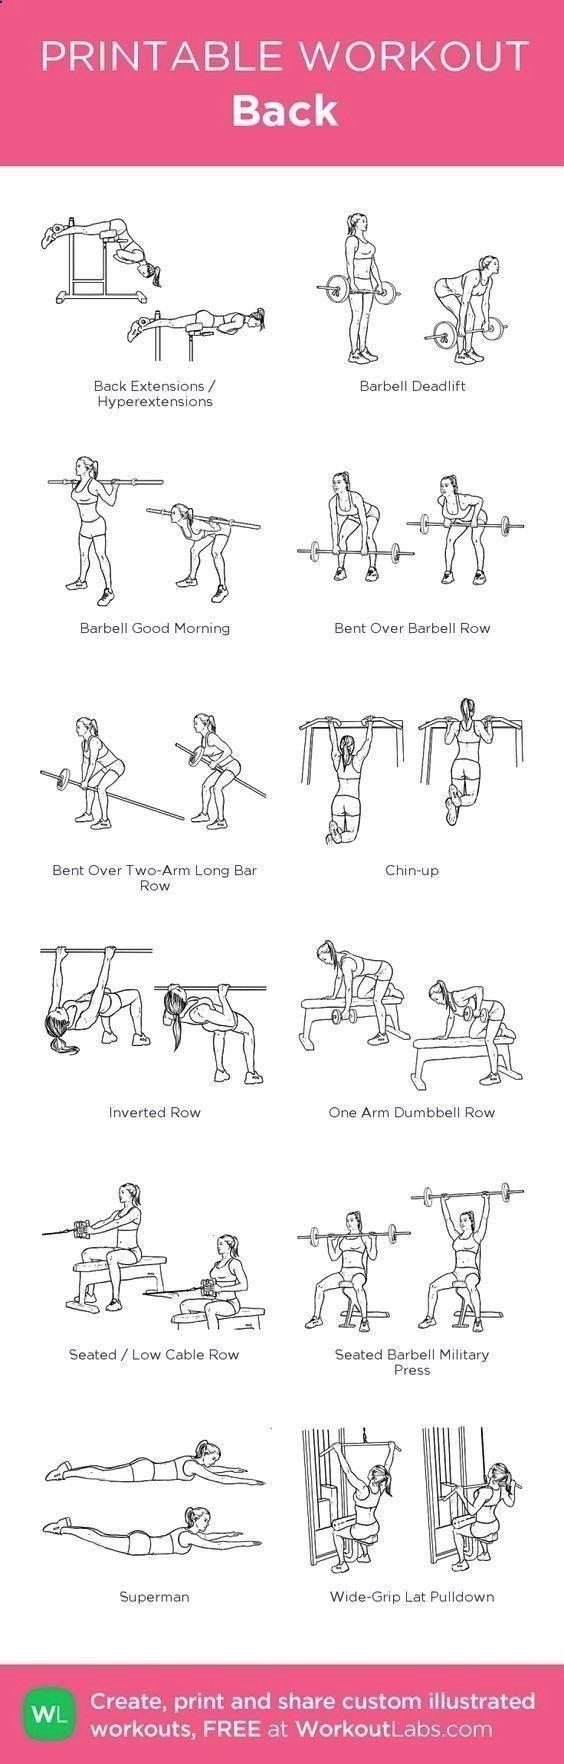 #fitness #Gain #Ganzkörpertraining #Great #kettlebell #kettlebell ganzkörpertraining #fitness #Gain...